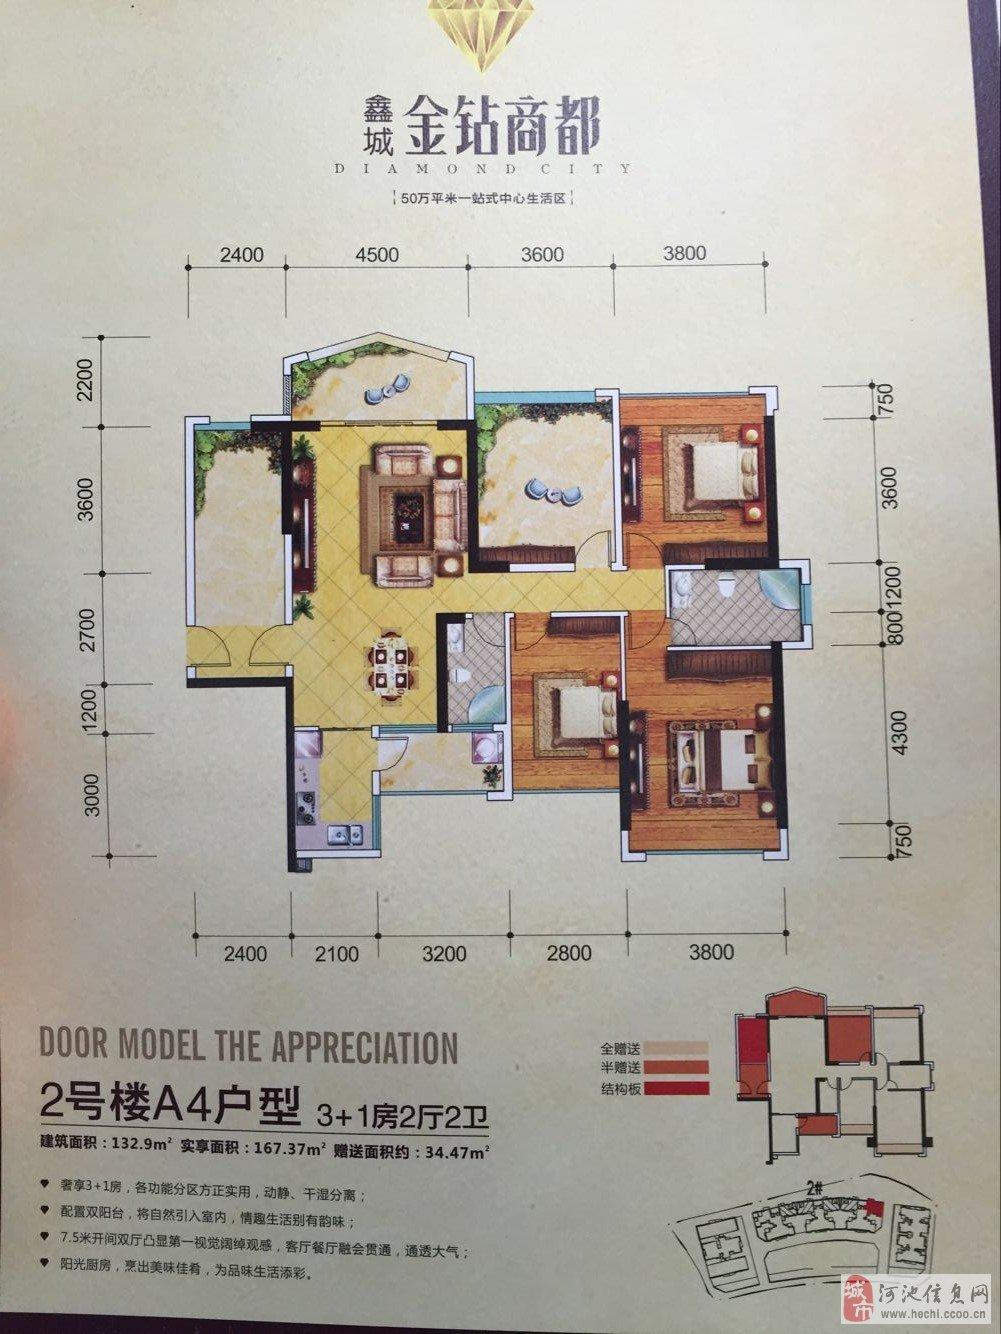 14米x9米房屋平设计图展示